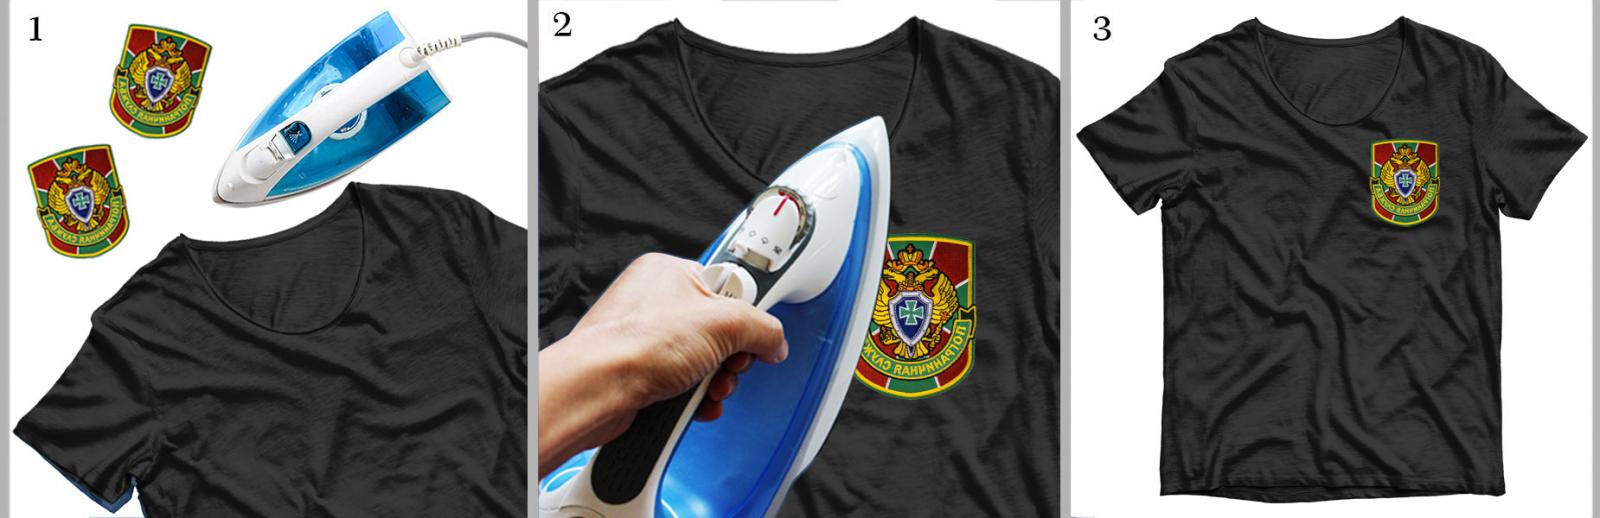 """Вышитый шеврон """"Пограничная служба"""" на футболке"""